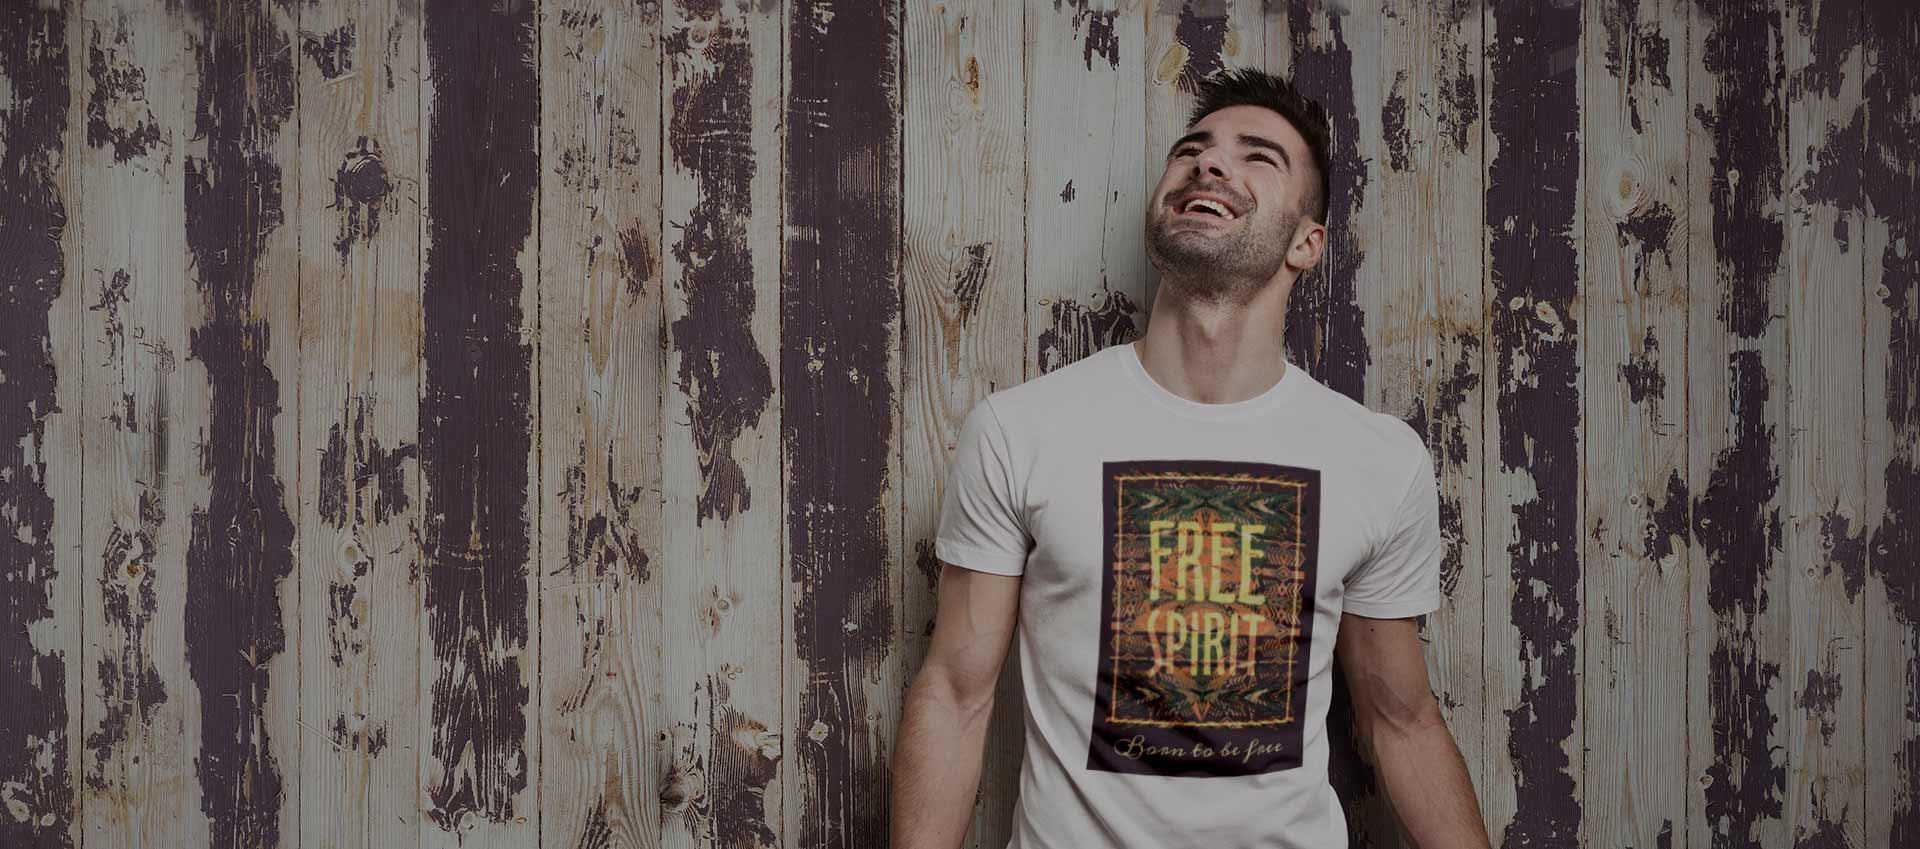 חולצות מודפסות לבר מצווה